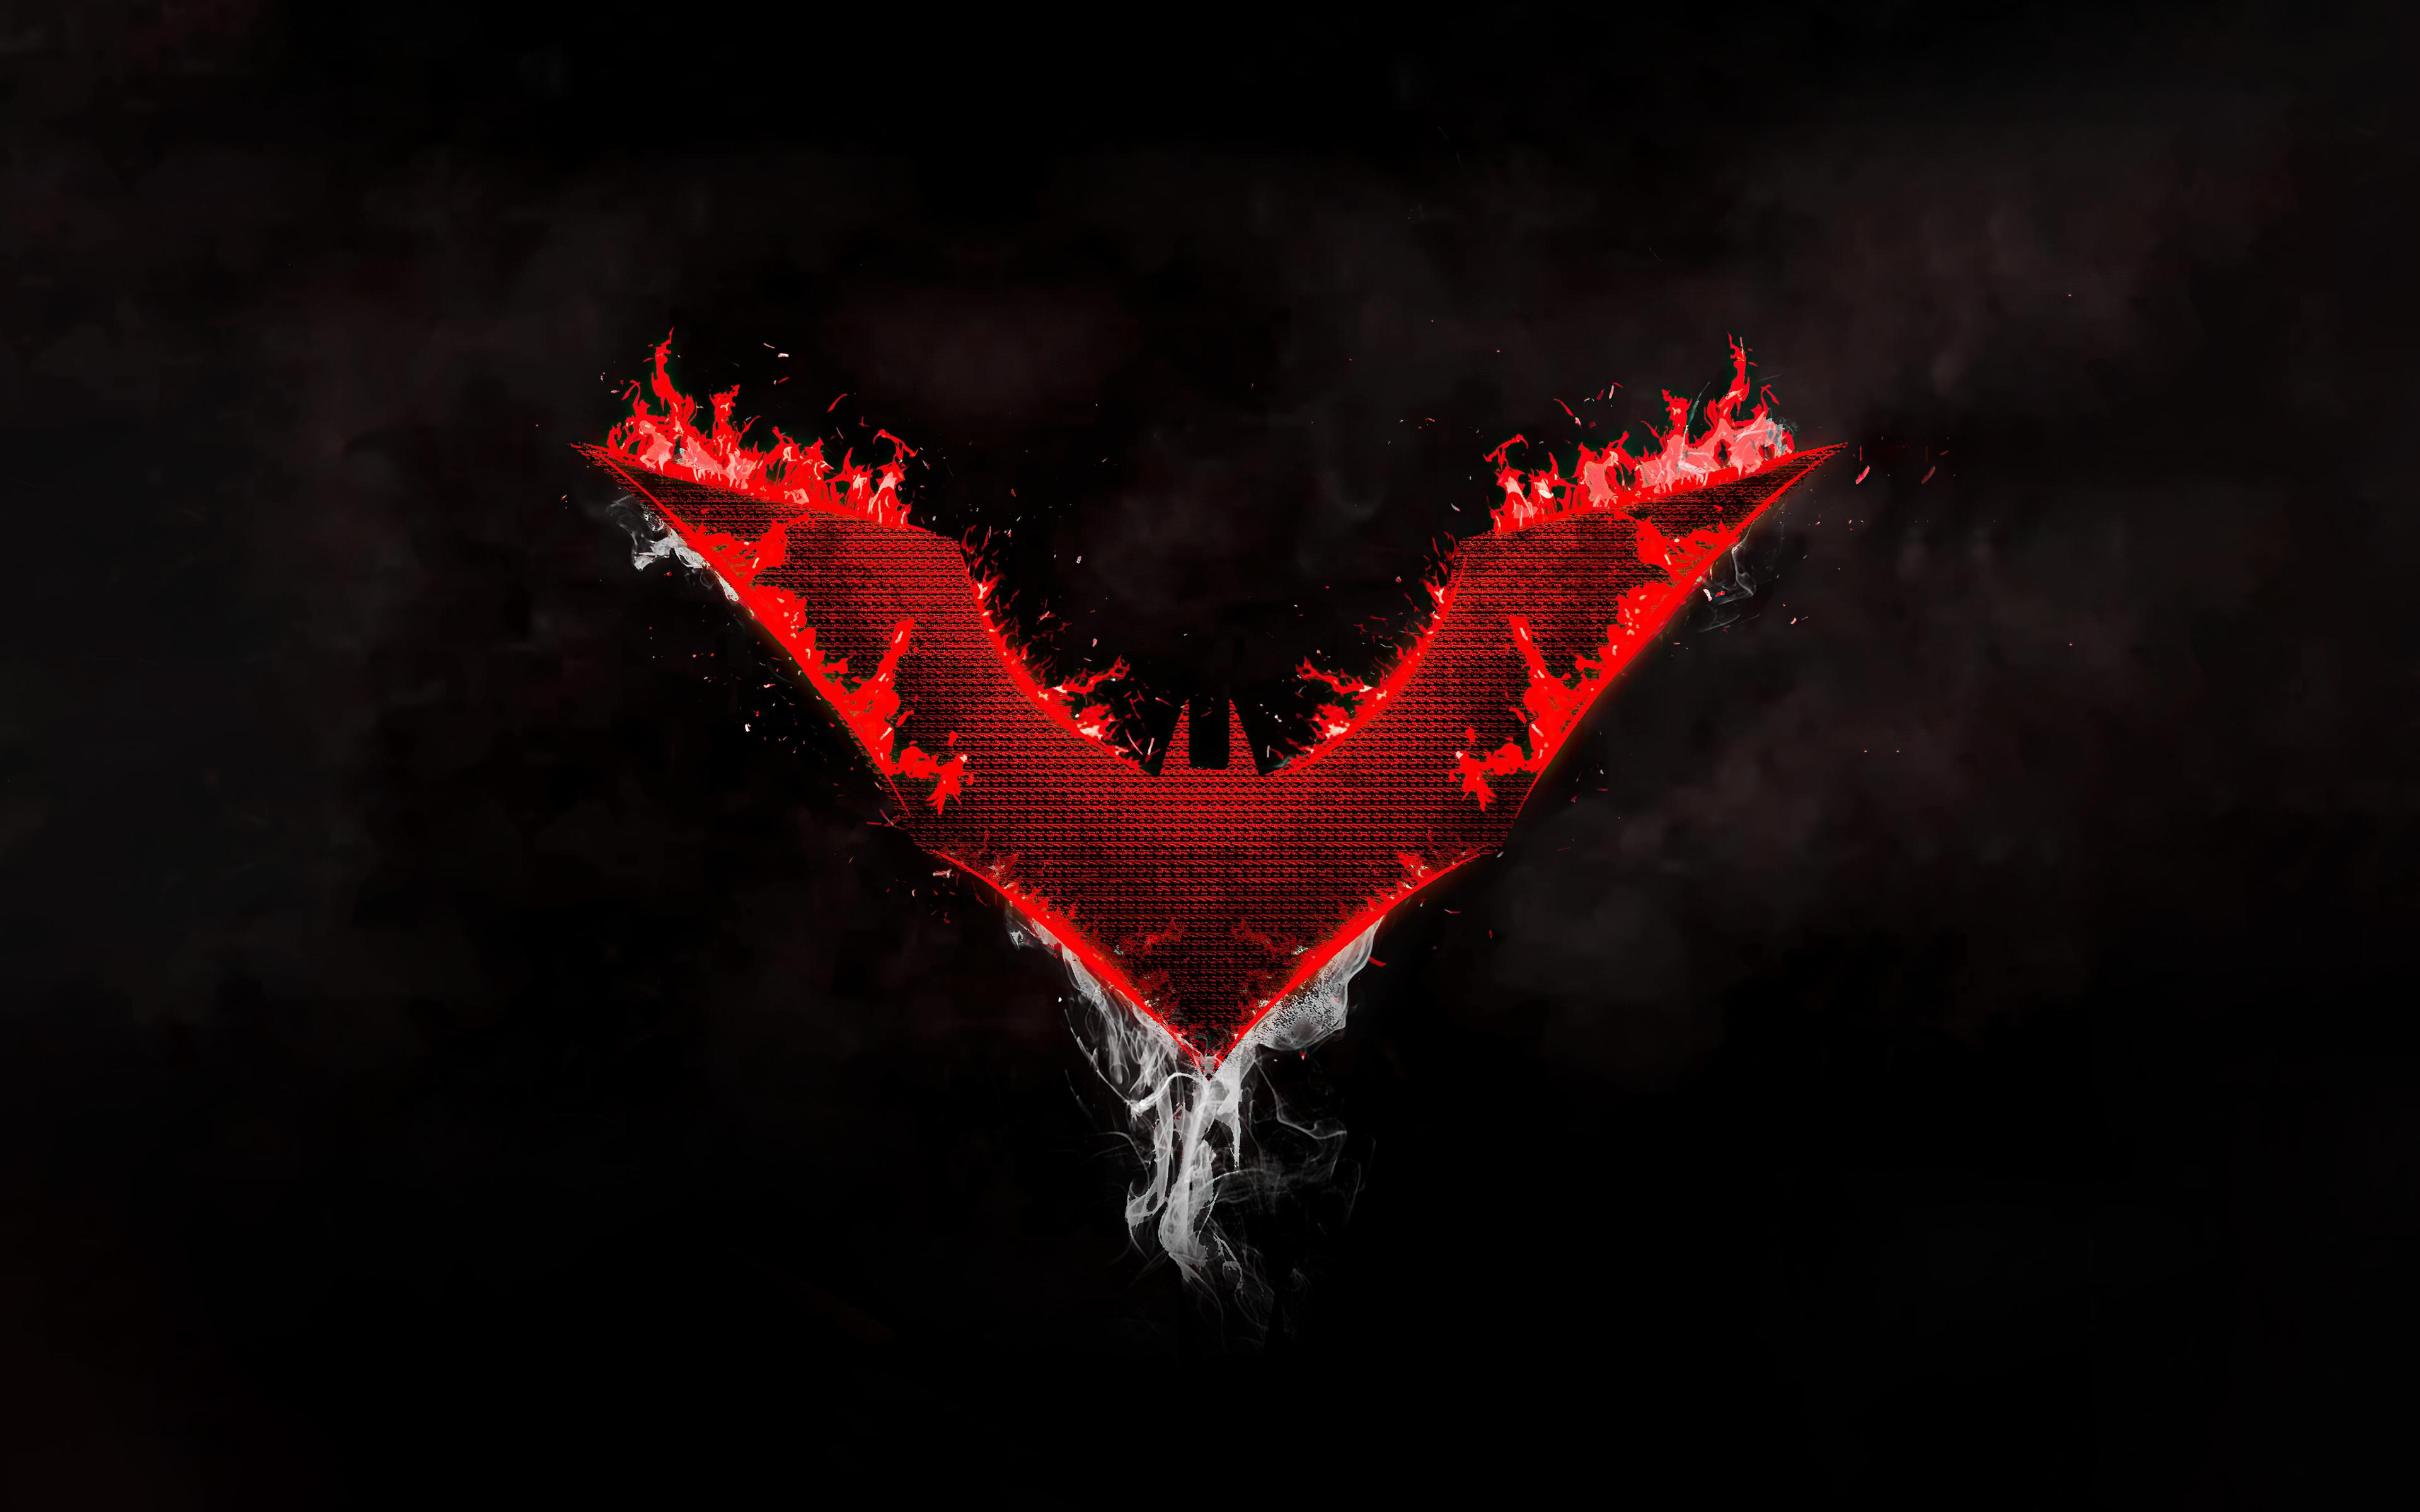 batman-beyond-logo-dark-8k-5z.jpg